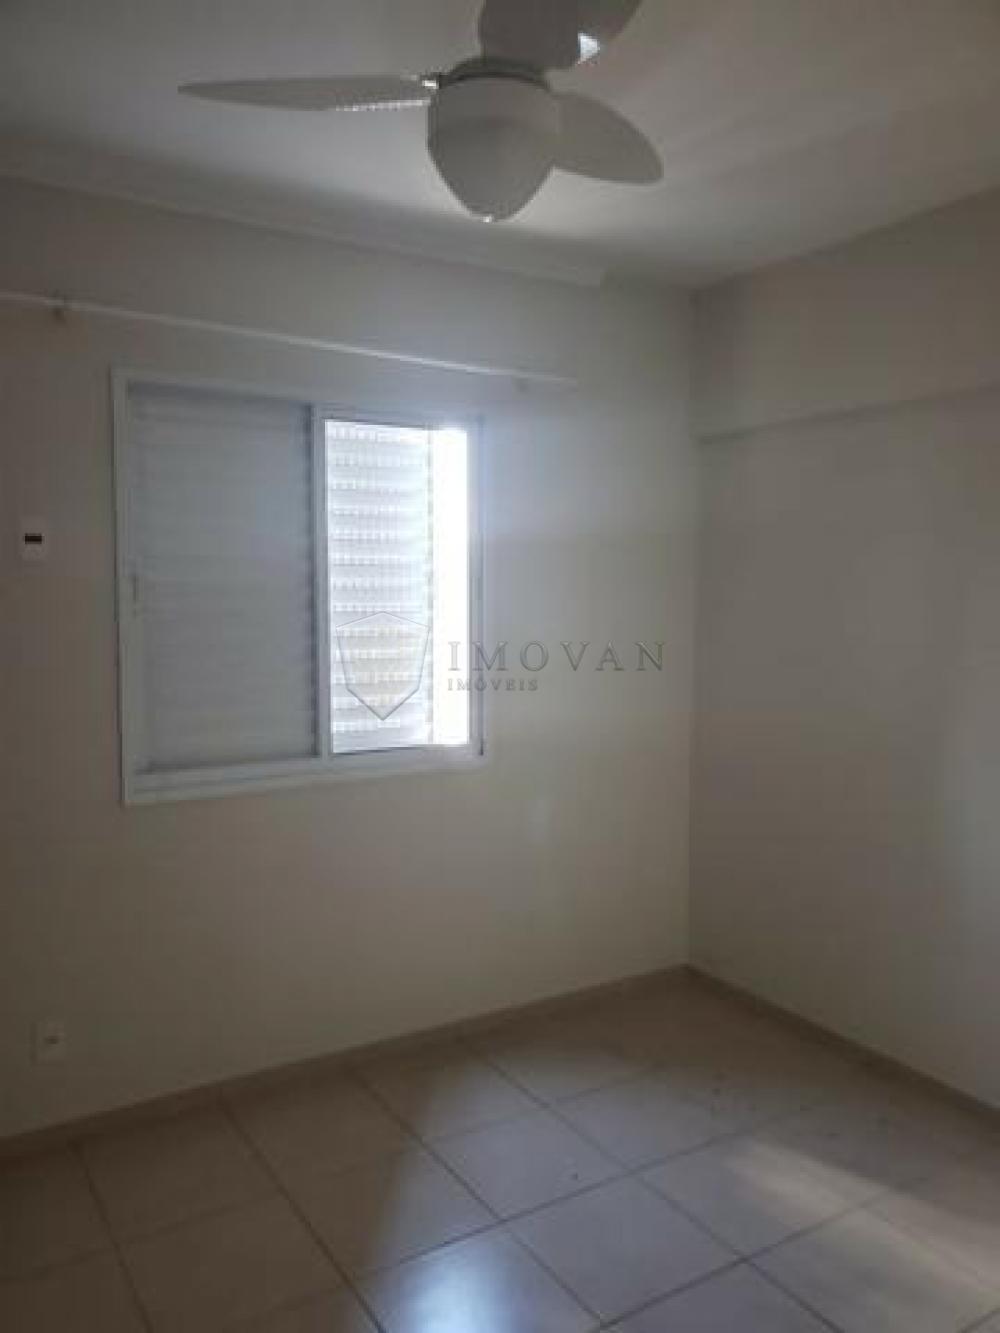 Comprar Apartamento / Padrão em Ribeirão Preto apenas R$ 250.000,00 - Foto 9